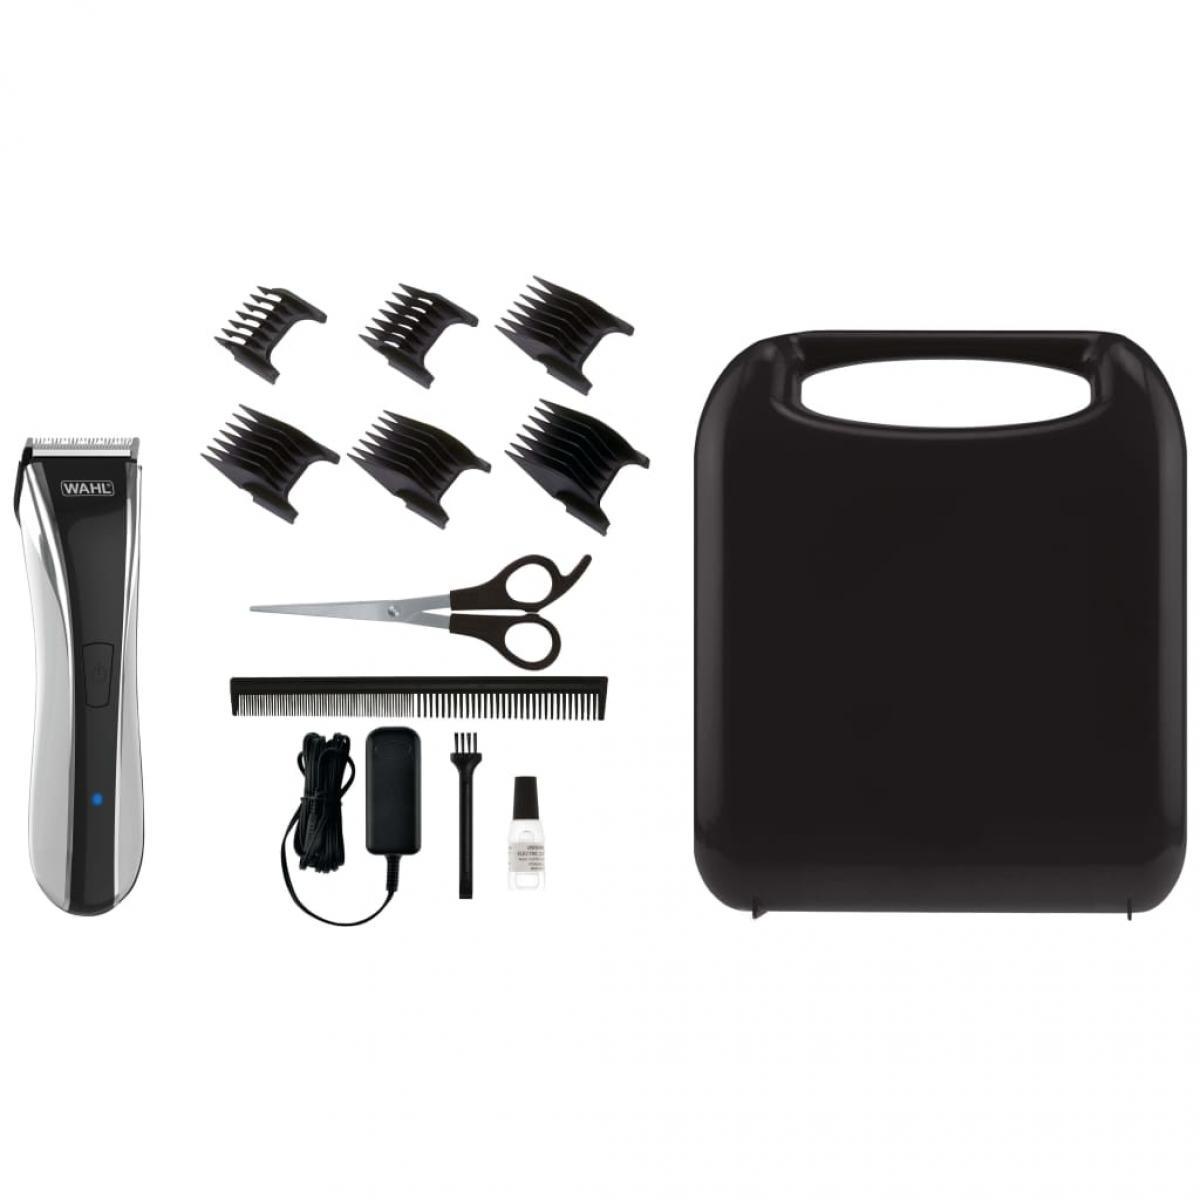 Wahl Wahl Kit de tondeuse à cheveux 13 pcs Lithium Pro LED 6W